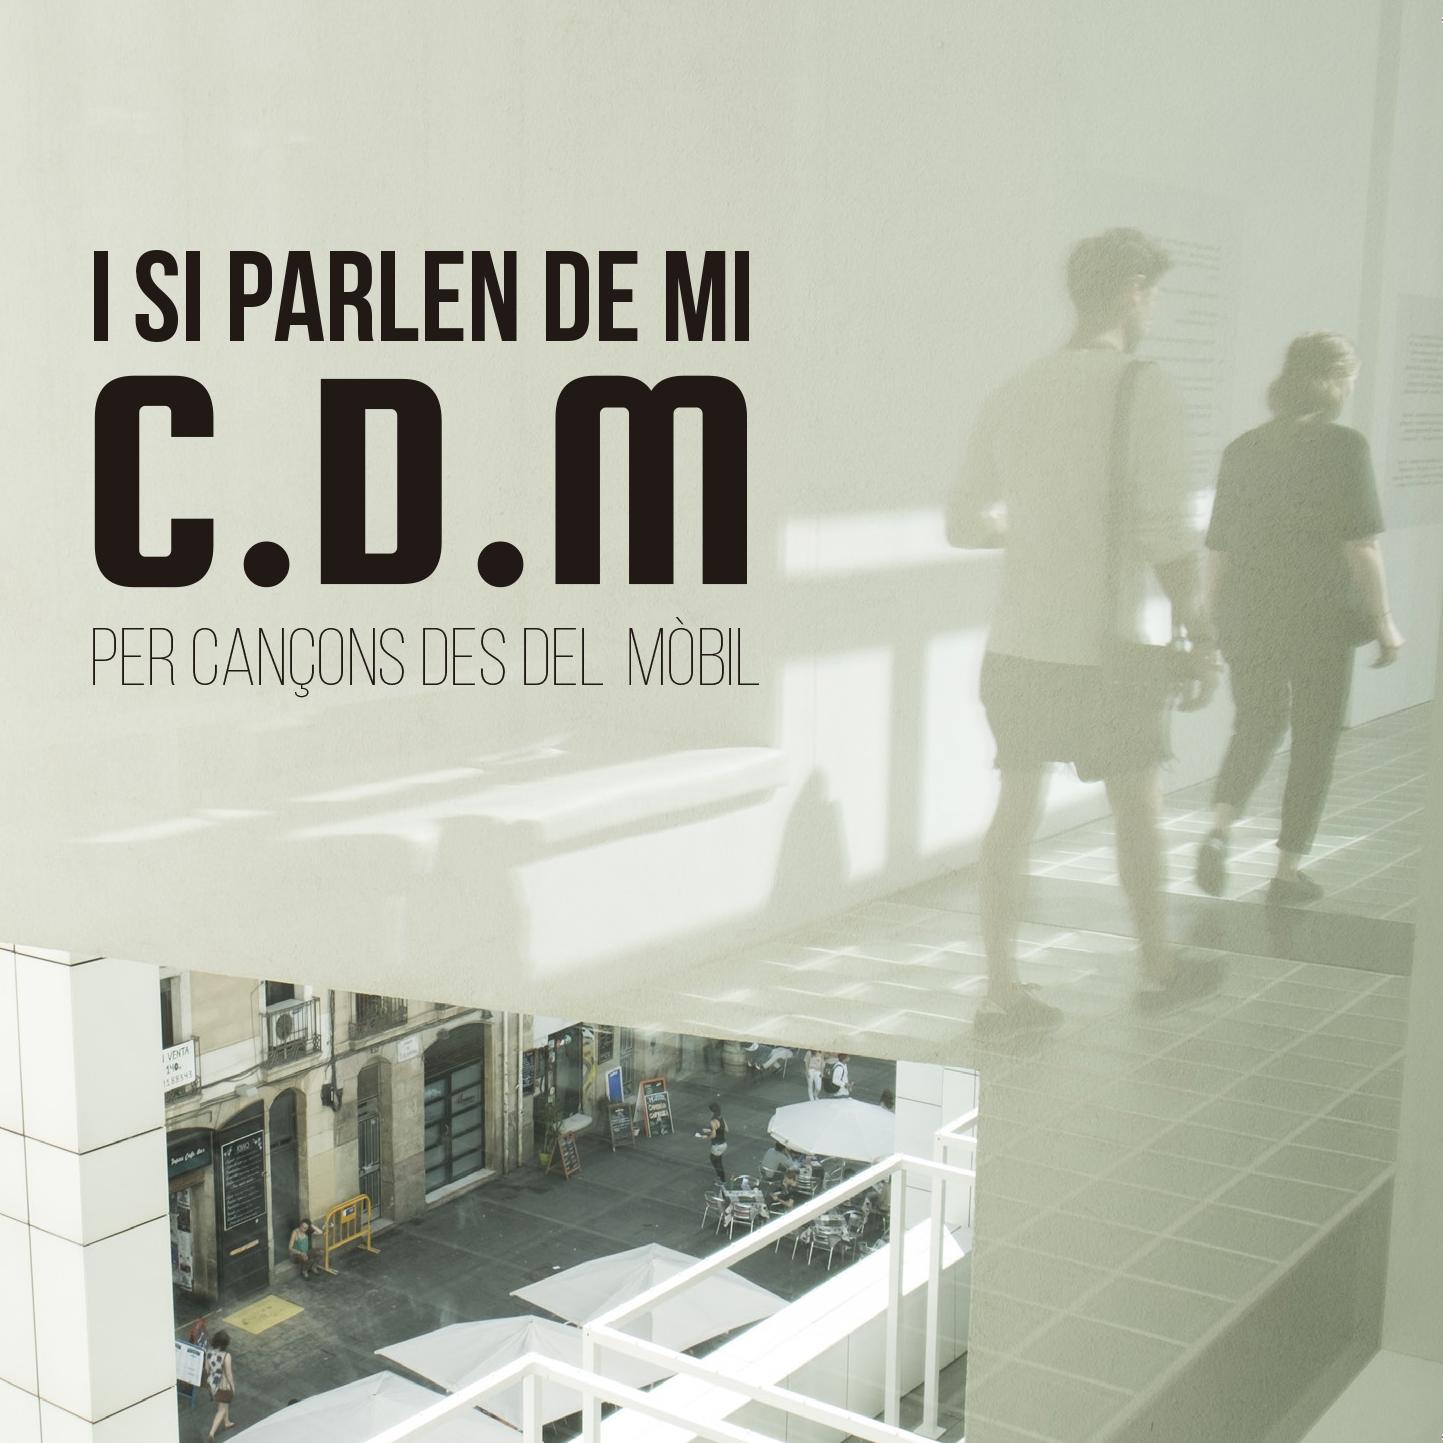 C.D.M - Jordi Zacarés Caparrós, nascut a Barcelona al 1971. Mestre d'educació musical.Des de sempre hA tingut la música com a fil conductor de la meva vida, participant endiferents projectes musicals amb bandes quasi sempre relacionades amb el rock simfònico alternatiu.